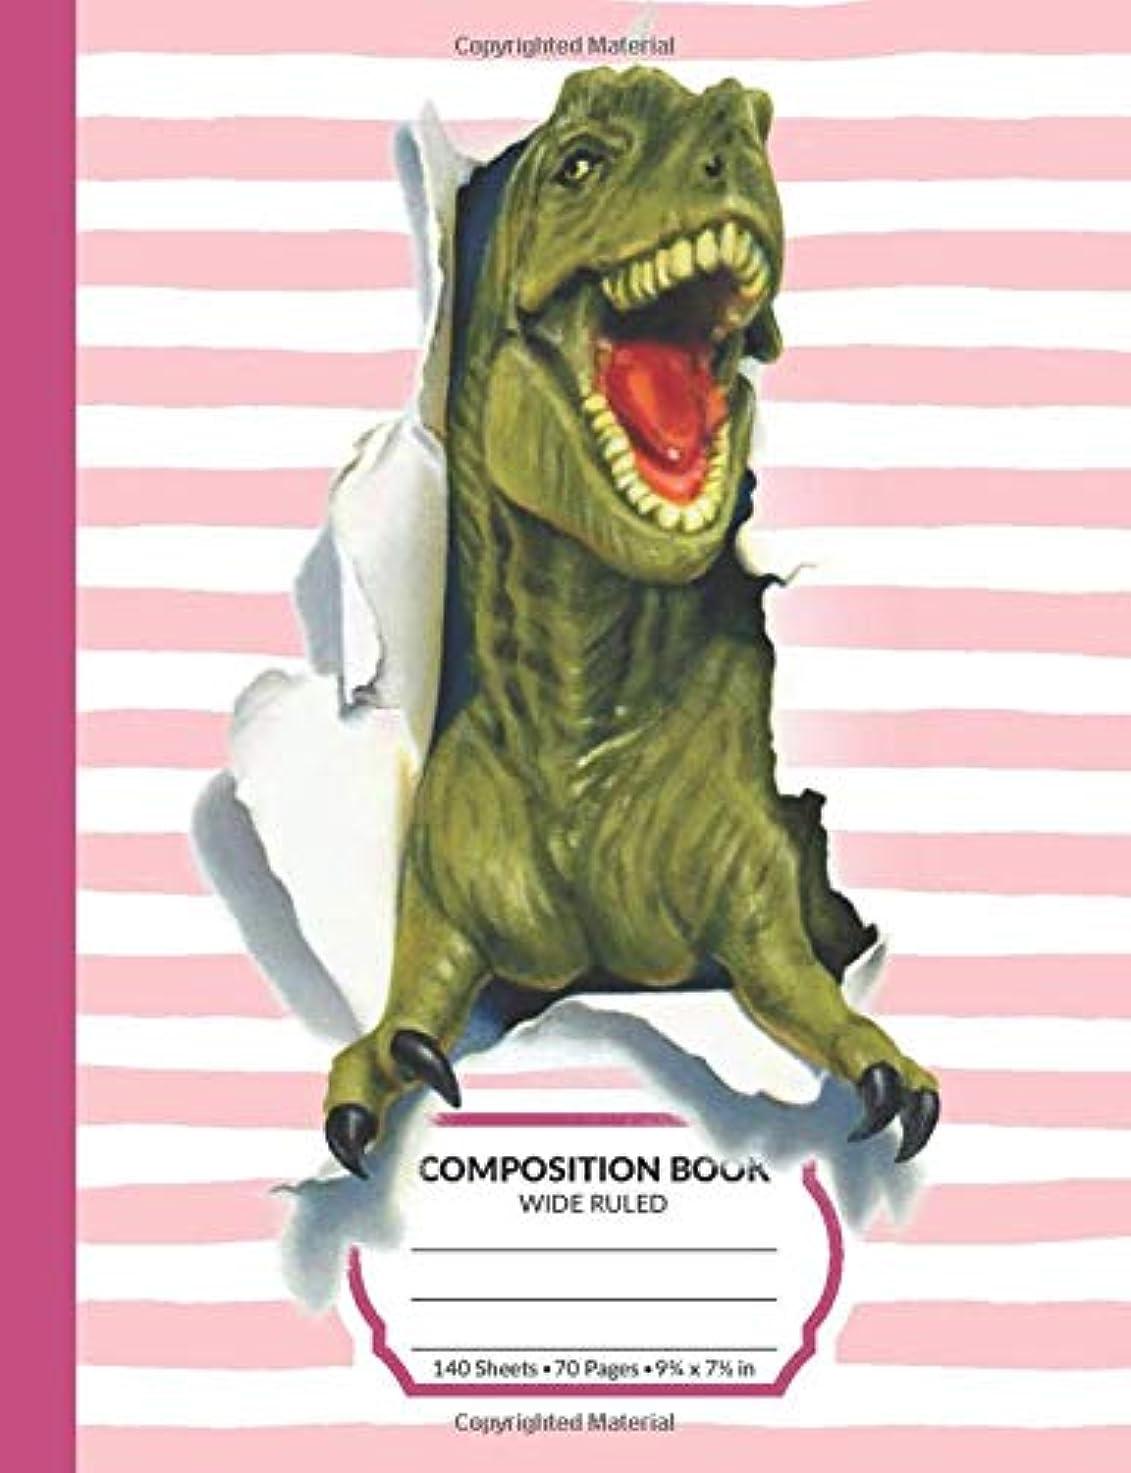 アブストラクト非常に怒っています早熟Composition Book: T-Rex Dinosaur Wide Ruled Blank Lined Writing Notebook | For School Assignments, Exercises, Lists, Or Notes (Pink Version)